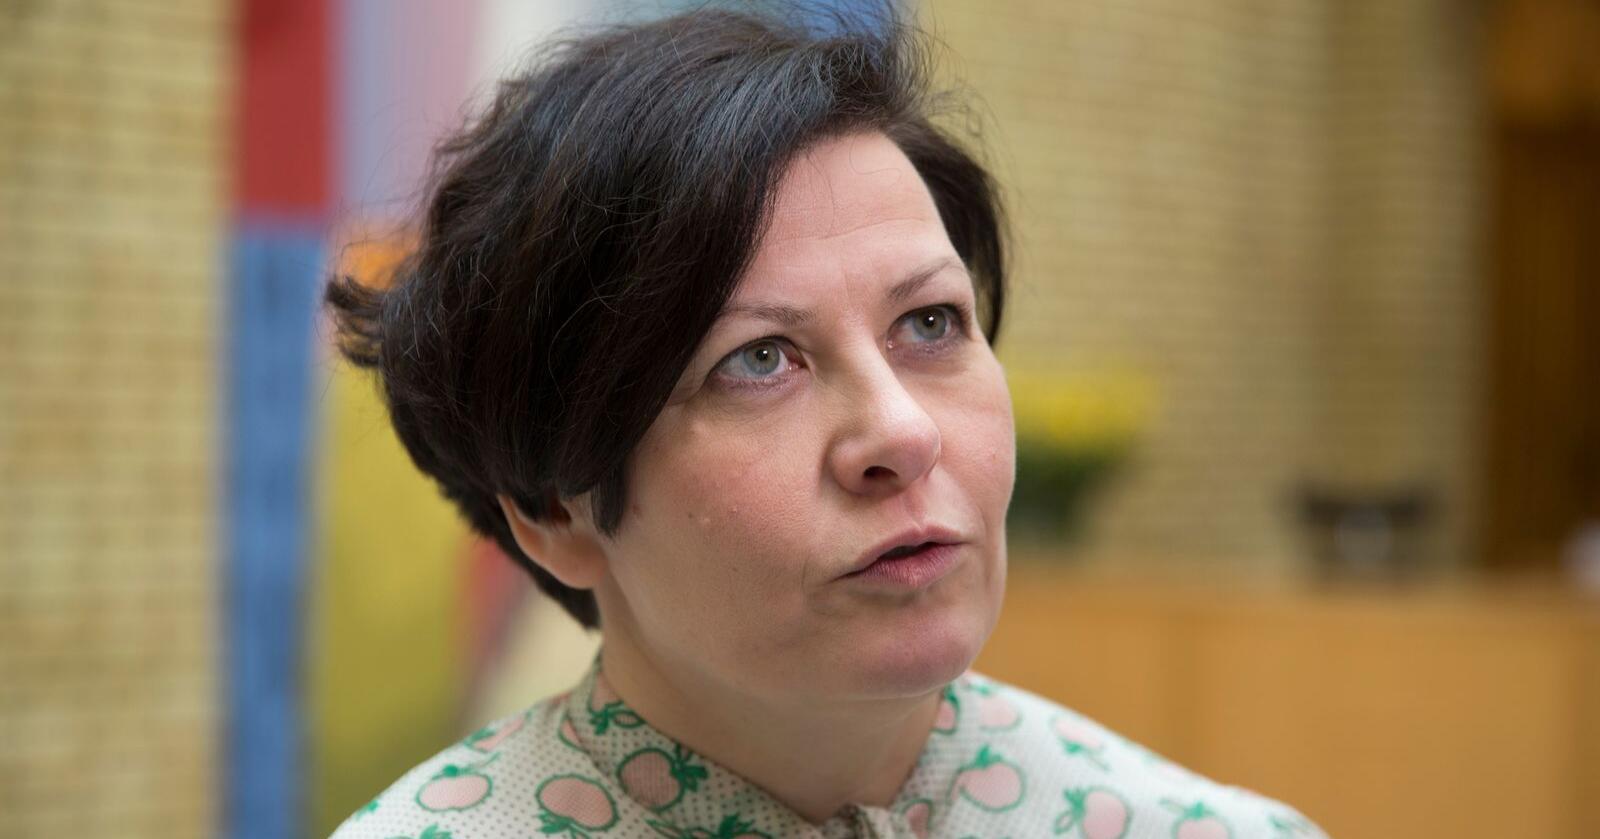 – Vi trenger ikke en lederdebatt nå. Nå trenger vi å jobbe for valgseier sammen, sier Helga Pedersen. Her er hun fotografert i vandrehallen i 2016. Foto: Berit Roald / NTB